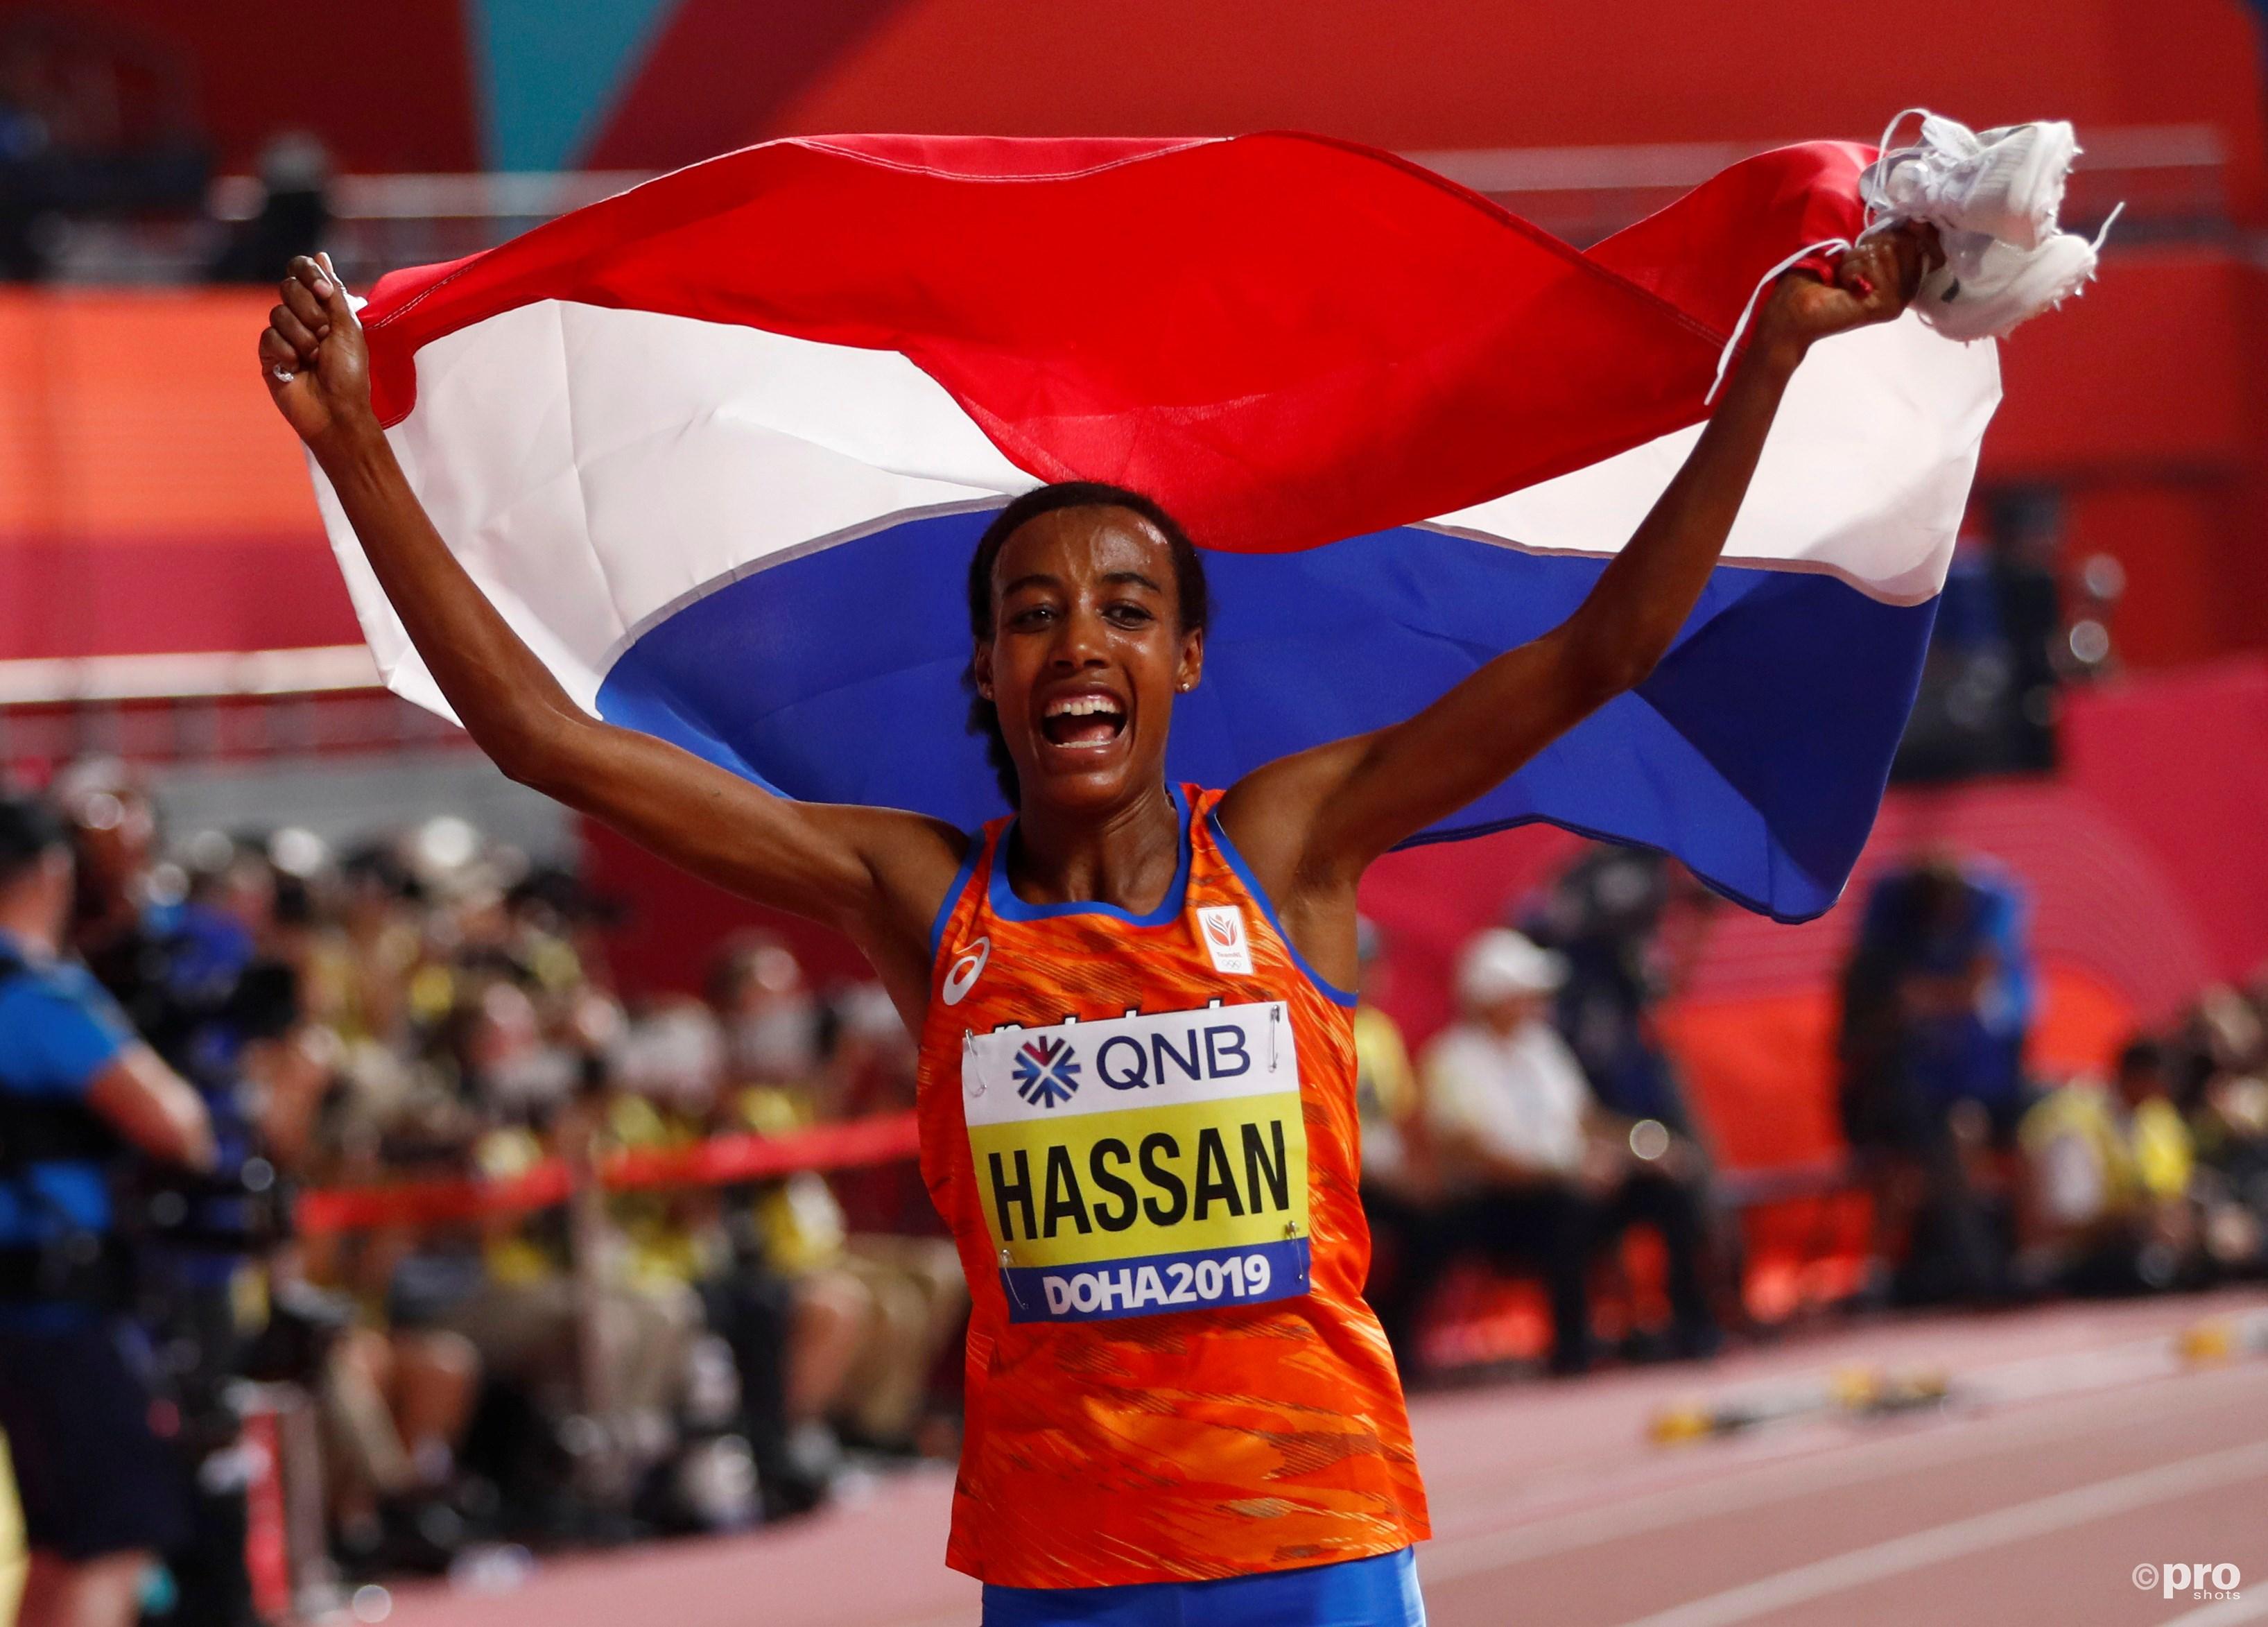 Hassan wereldkampioene tien kilometer (Pro Shots / Action Images)